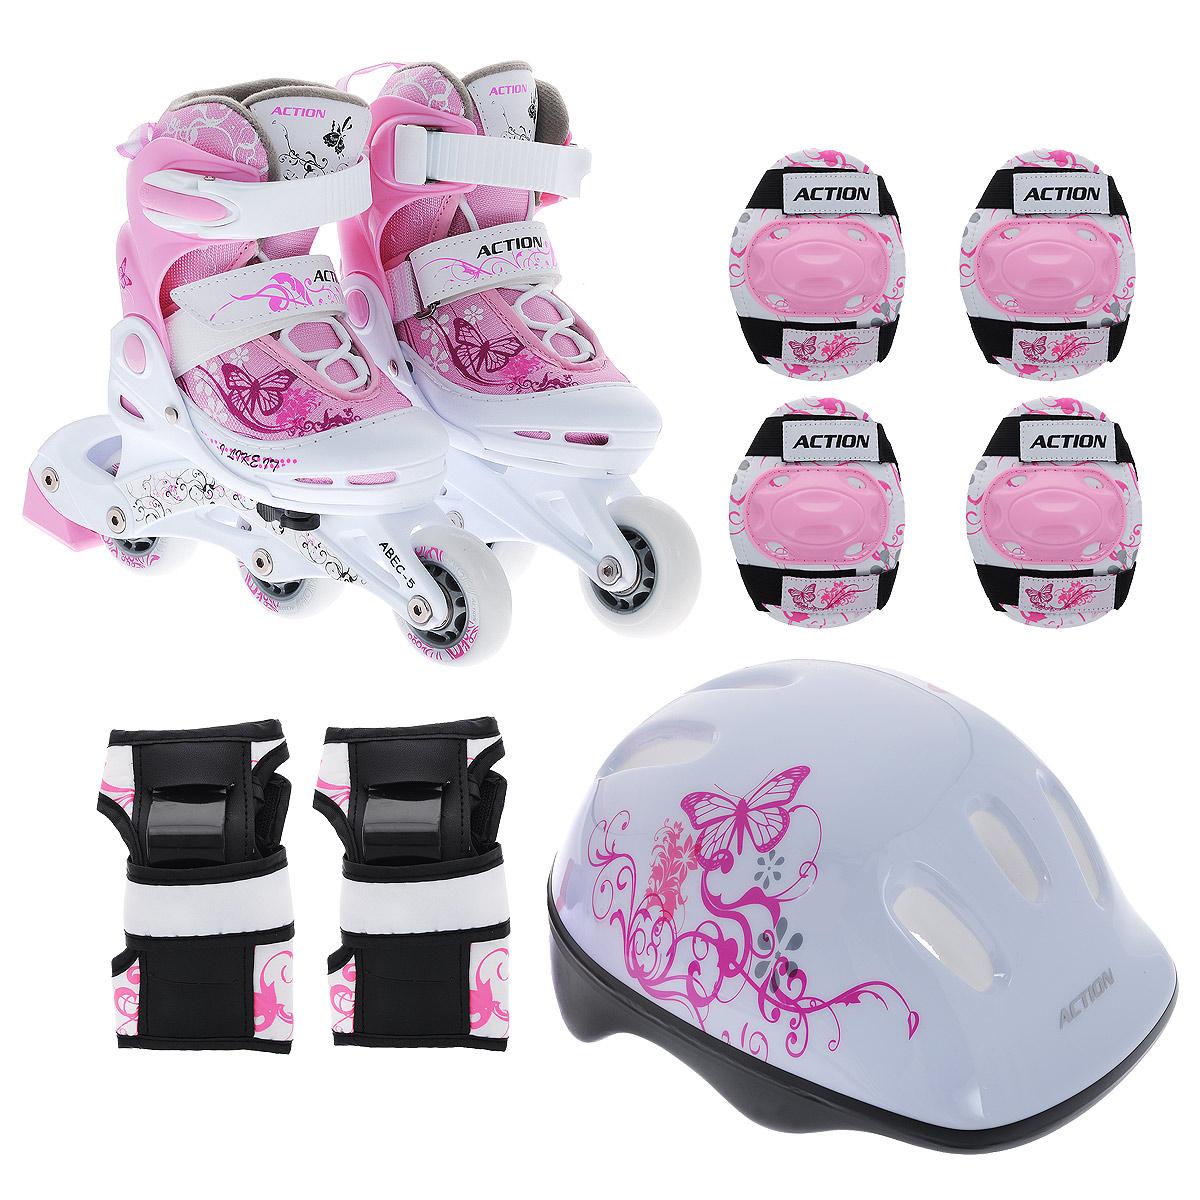 Набор Action: коньки роликовые, защита, шлем, цвет: розовый, белый. PW-117P. Размер 34/37PW-117PНабор для катания на роликах Action состоит из роликовых коньков, защиты и шлема. Ролики: шасси - пластик, подшипник - ABEC-5, колеса - ПВХ (64 мм). Шлем: материал - пенополистирол с отверстиями для вентиляции головы. Защита: для локтей, колен, запястий; принт на тканевых (нейлон) элементах. УВАЖАЕМЫЕ КЛИЕНТЫ! Обращаем ваше внимание на различие в количестве колес в зависимости от размеров роликов: ролики размером 26/29 поставляются с 3 колесами, размерами 30/33 и 34/37 - с 4.